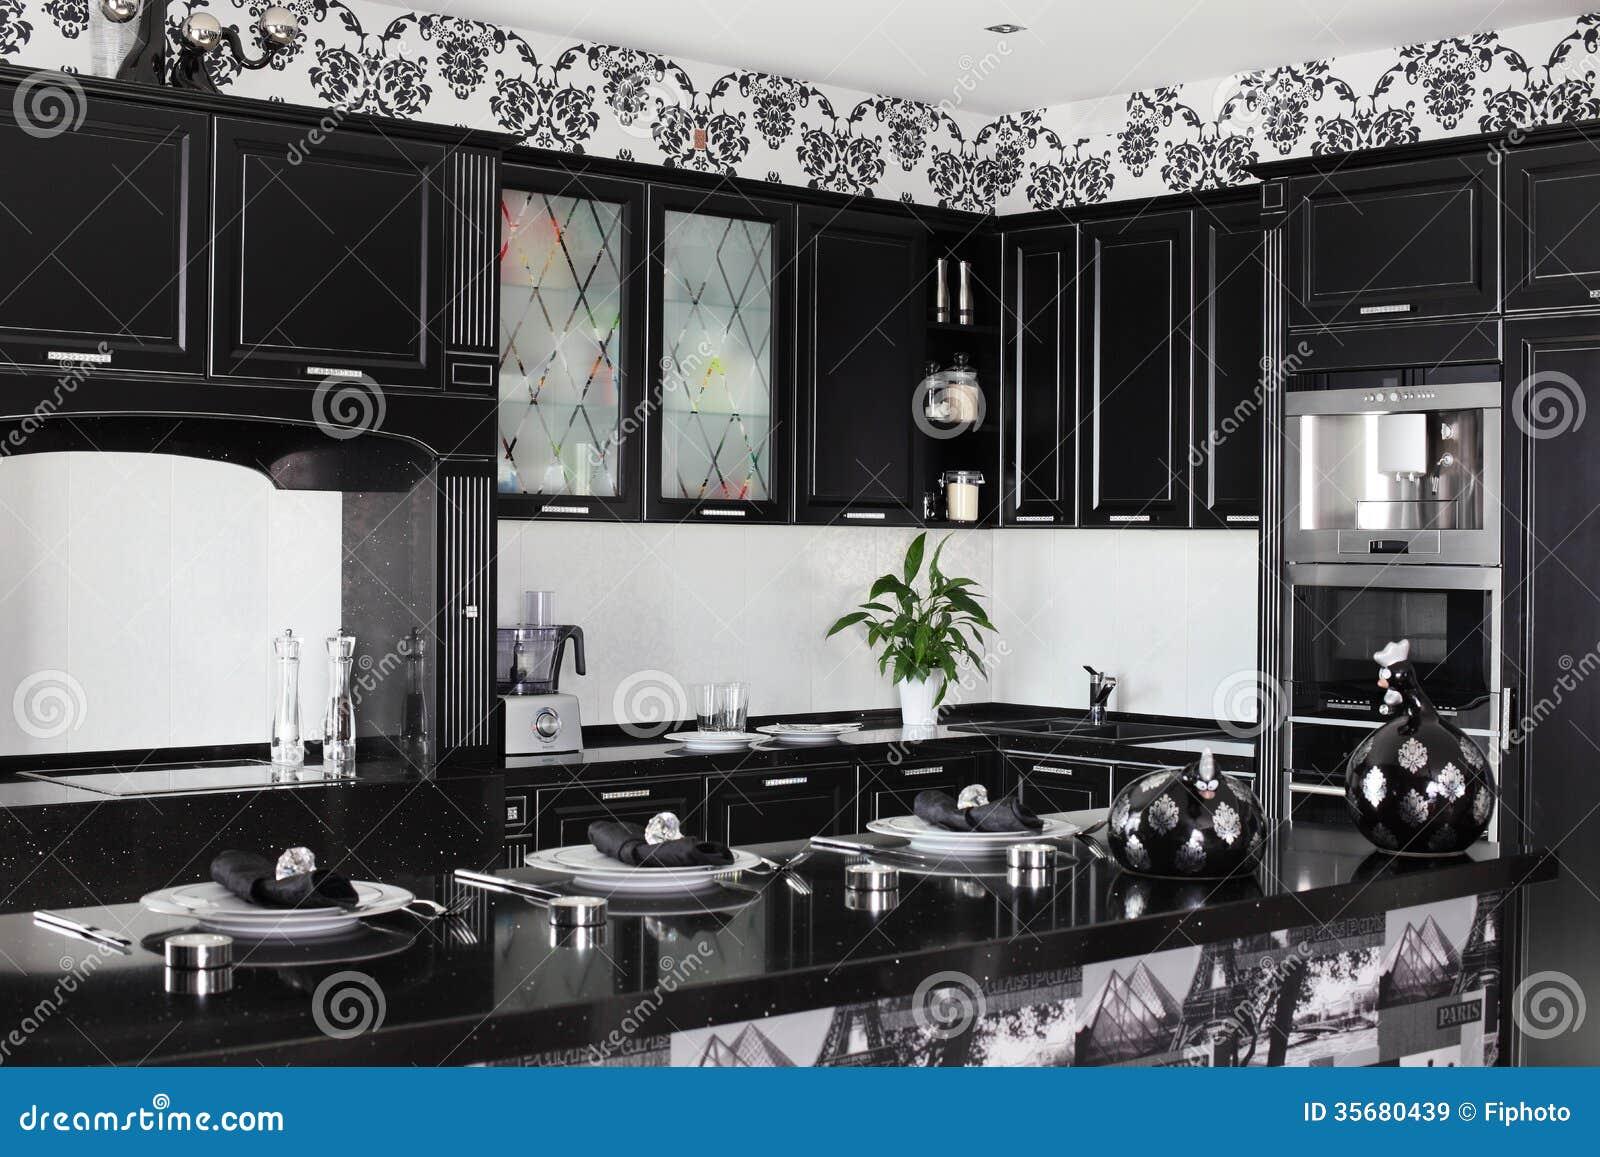 Cocina moderna blanco y negro con muebles elegantes imagen for Muebles de cocina negro